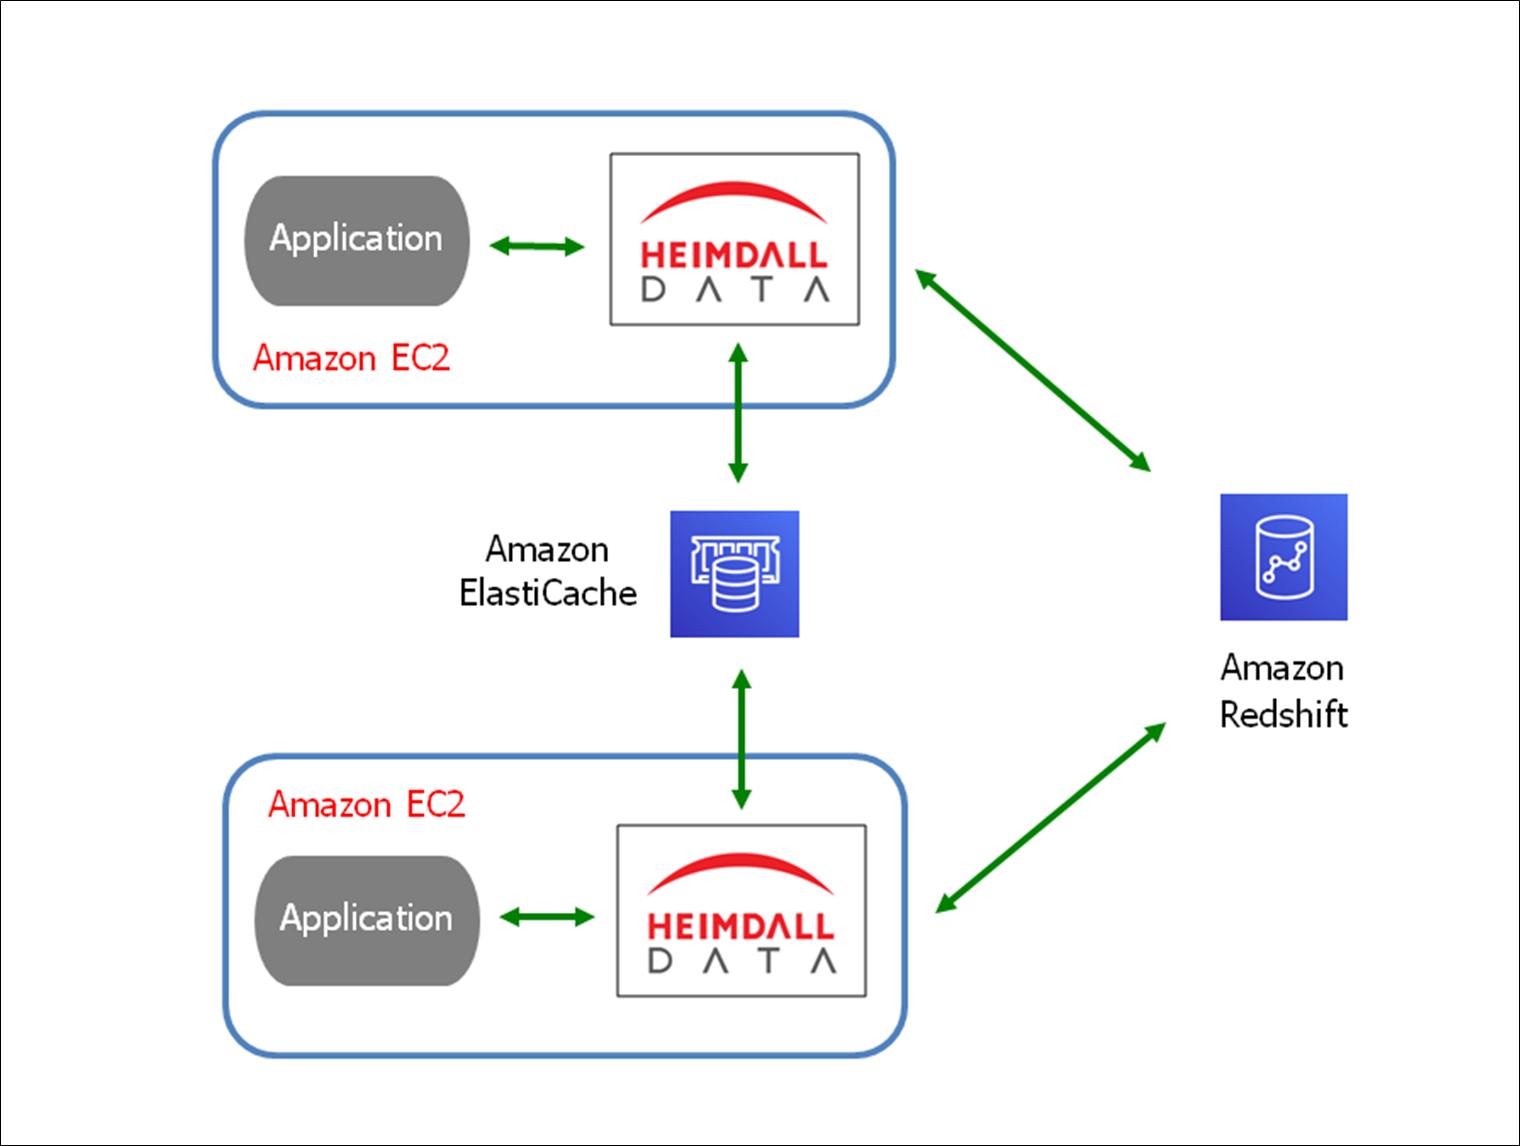 Heimdall Data-Amazon Redshift-4.2